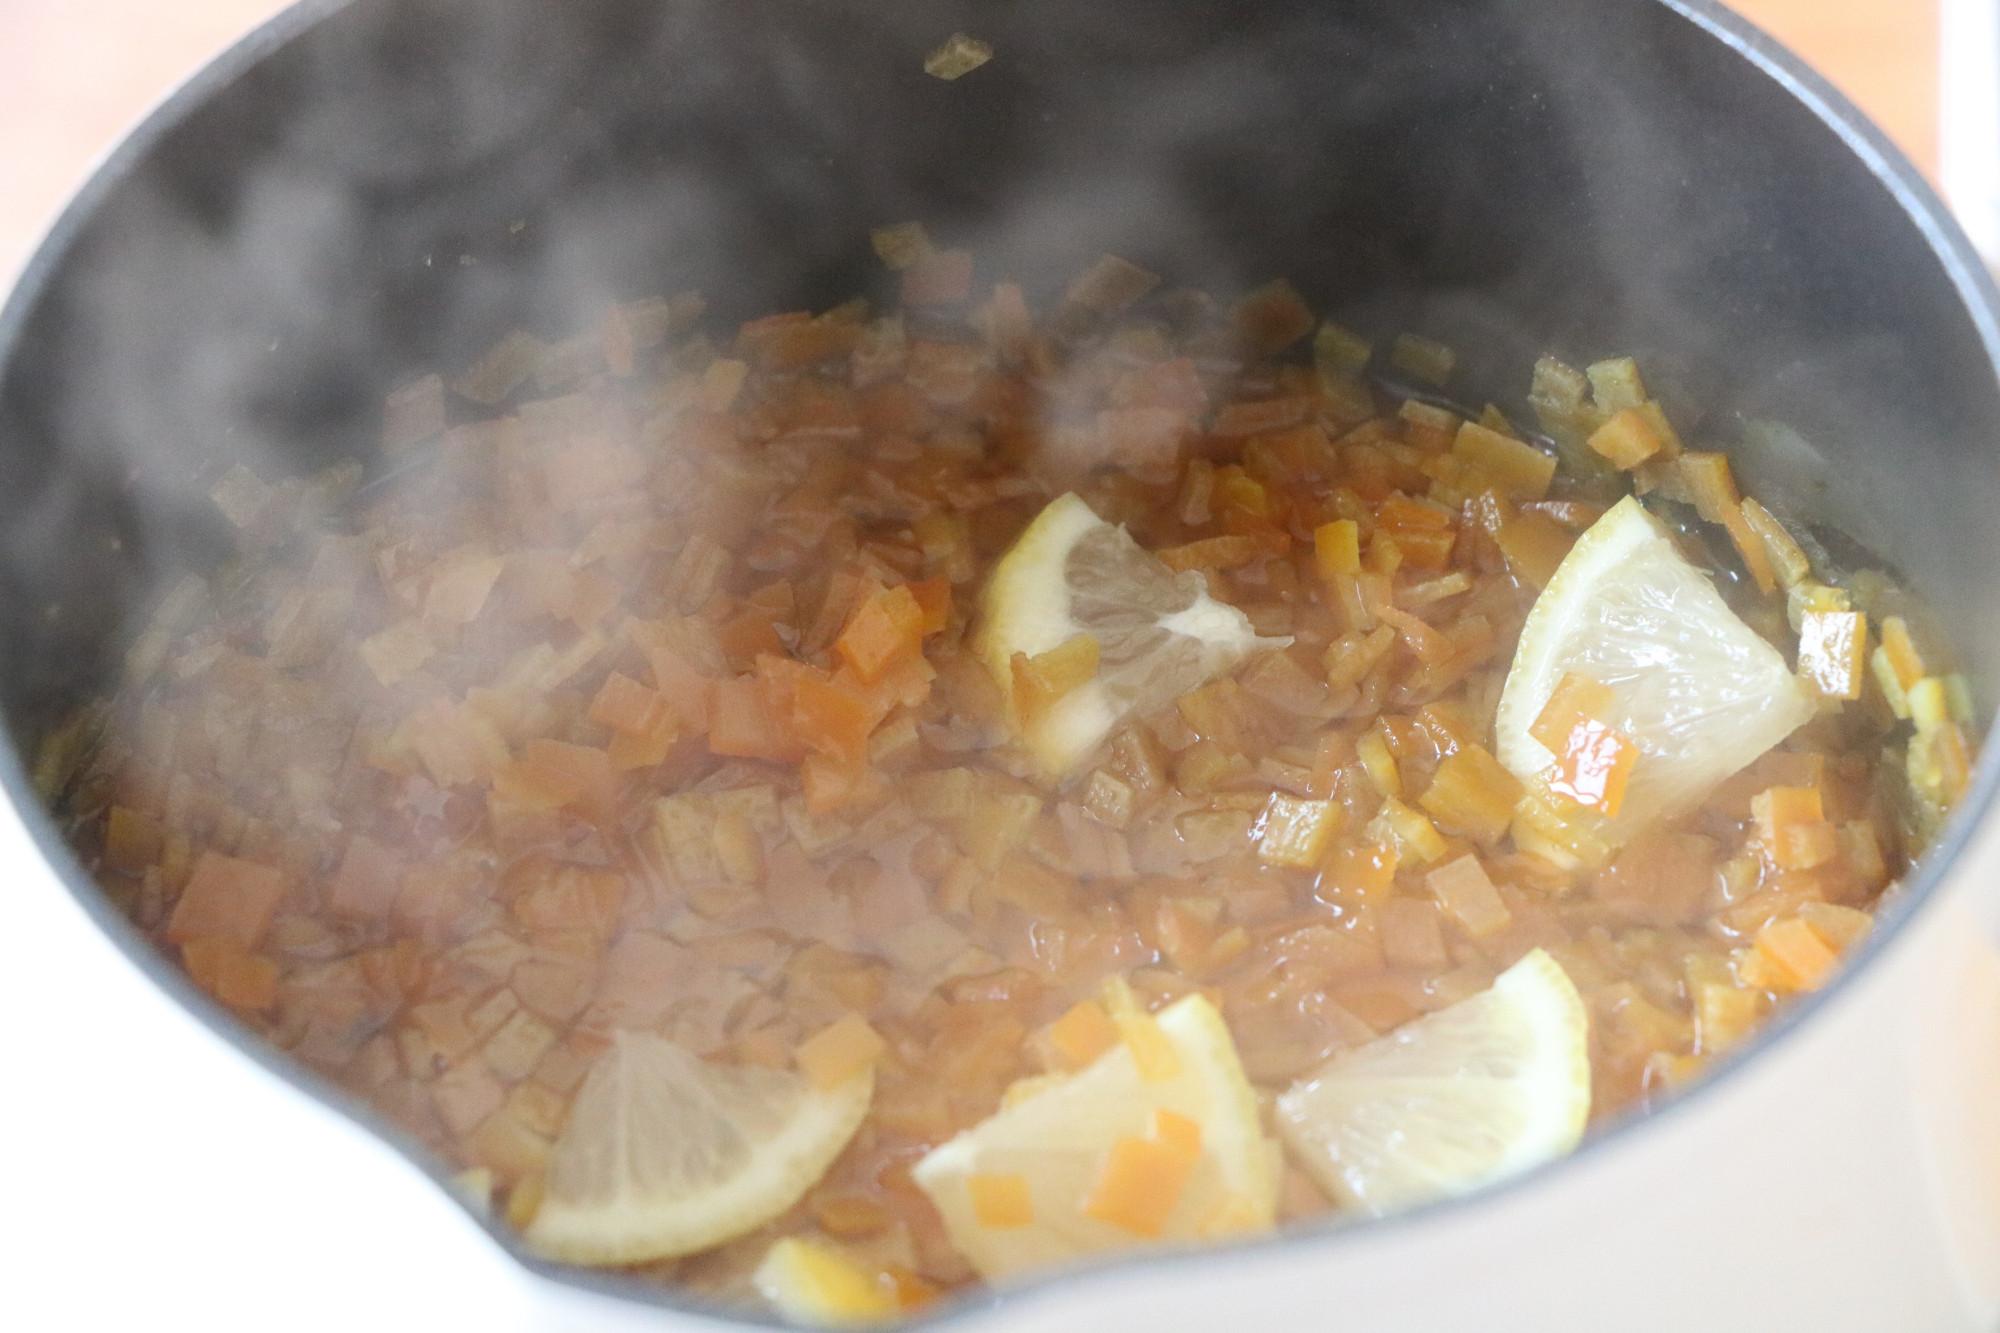 吃剩的橙子皮不要扔掉,簡單加工一下,用處多多,勝過秋梨膏